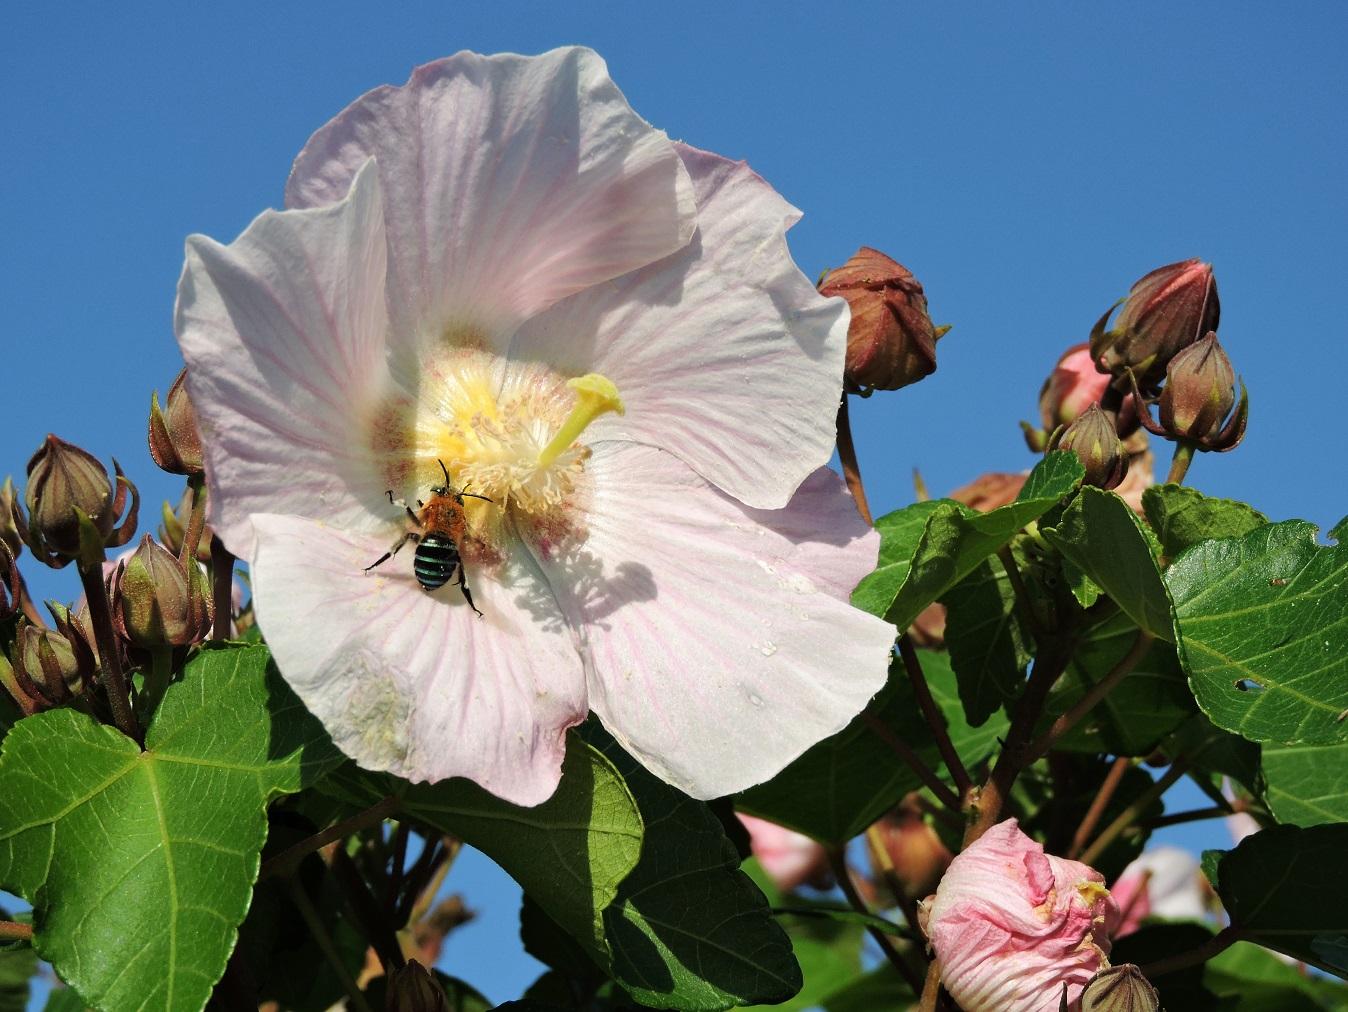 【花の観察会】石垣島 琉球の花々 3日間